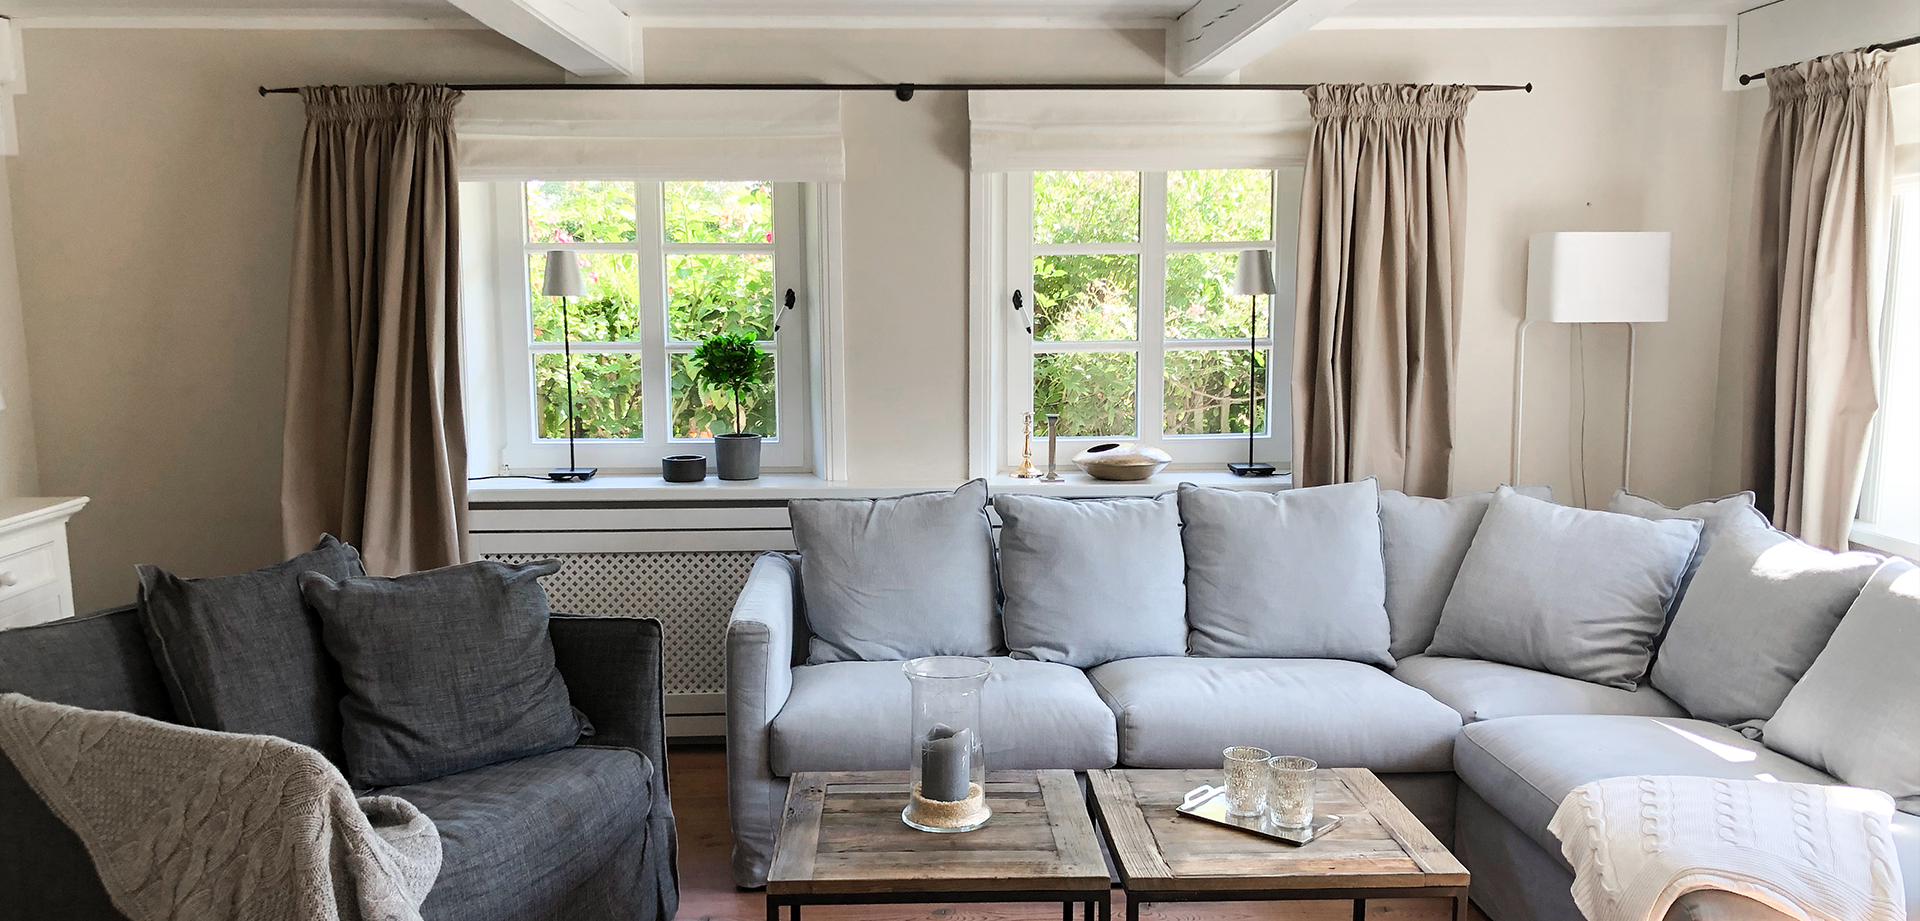 gemütliches Lounge Sofa und Loveseat Reethüs 1638